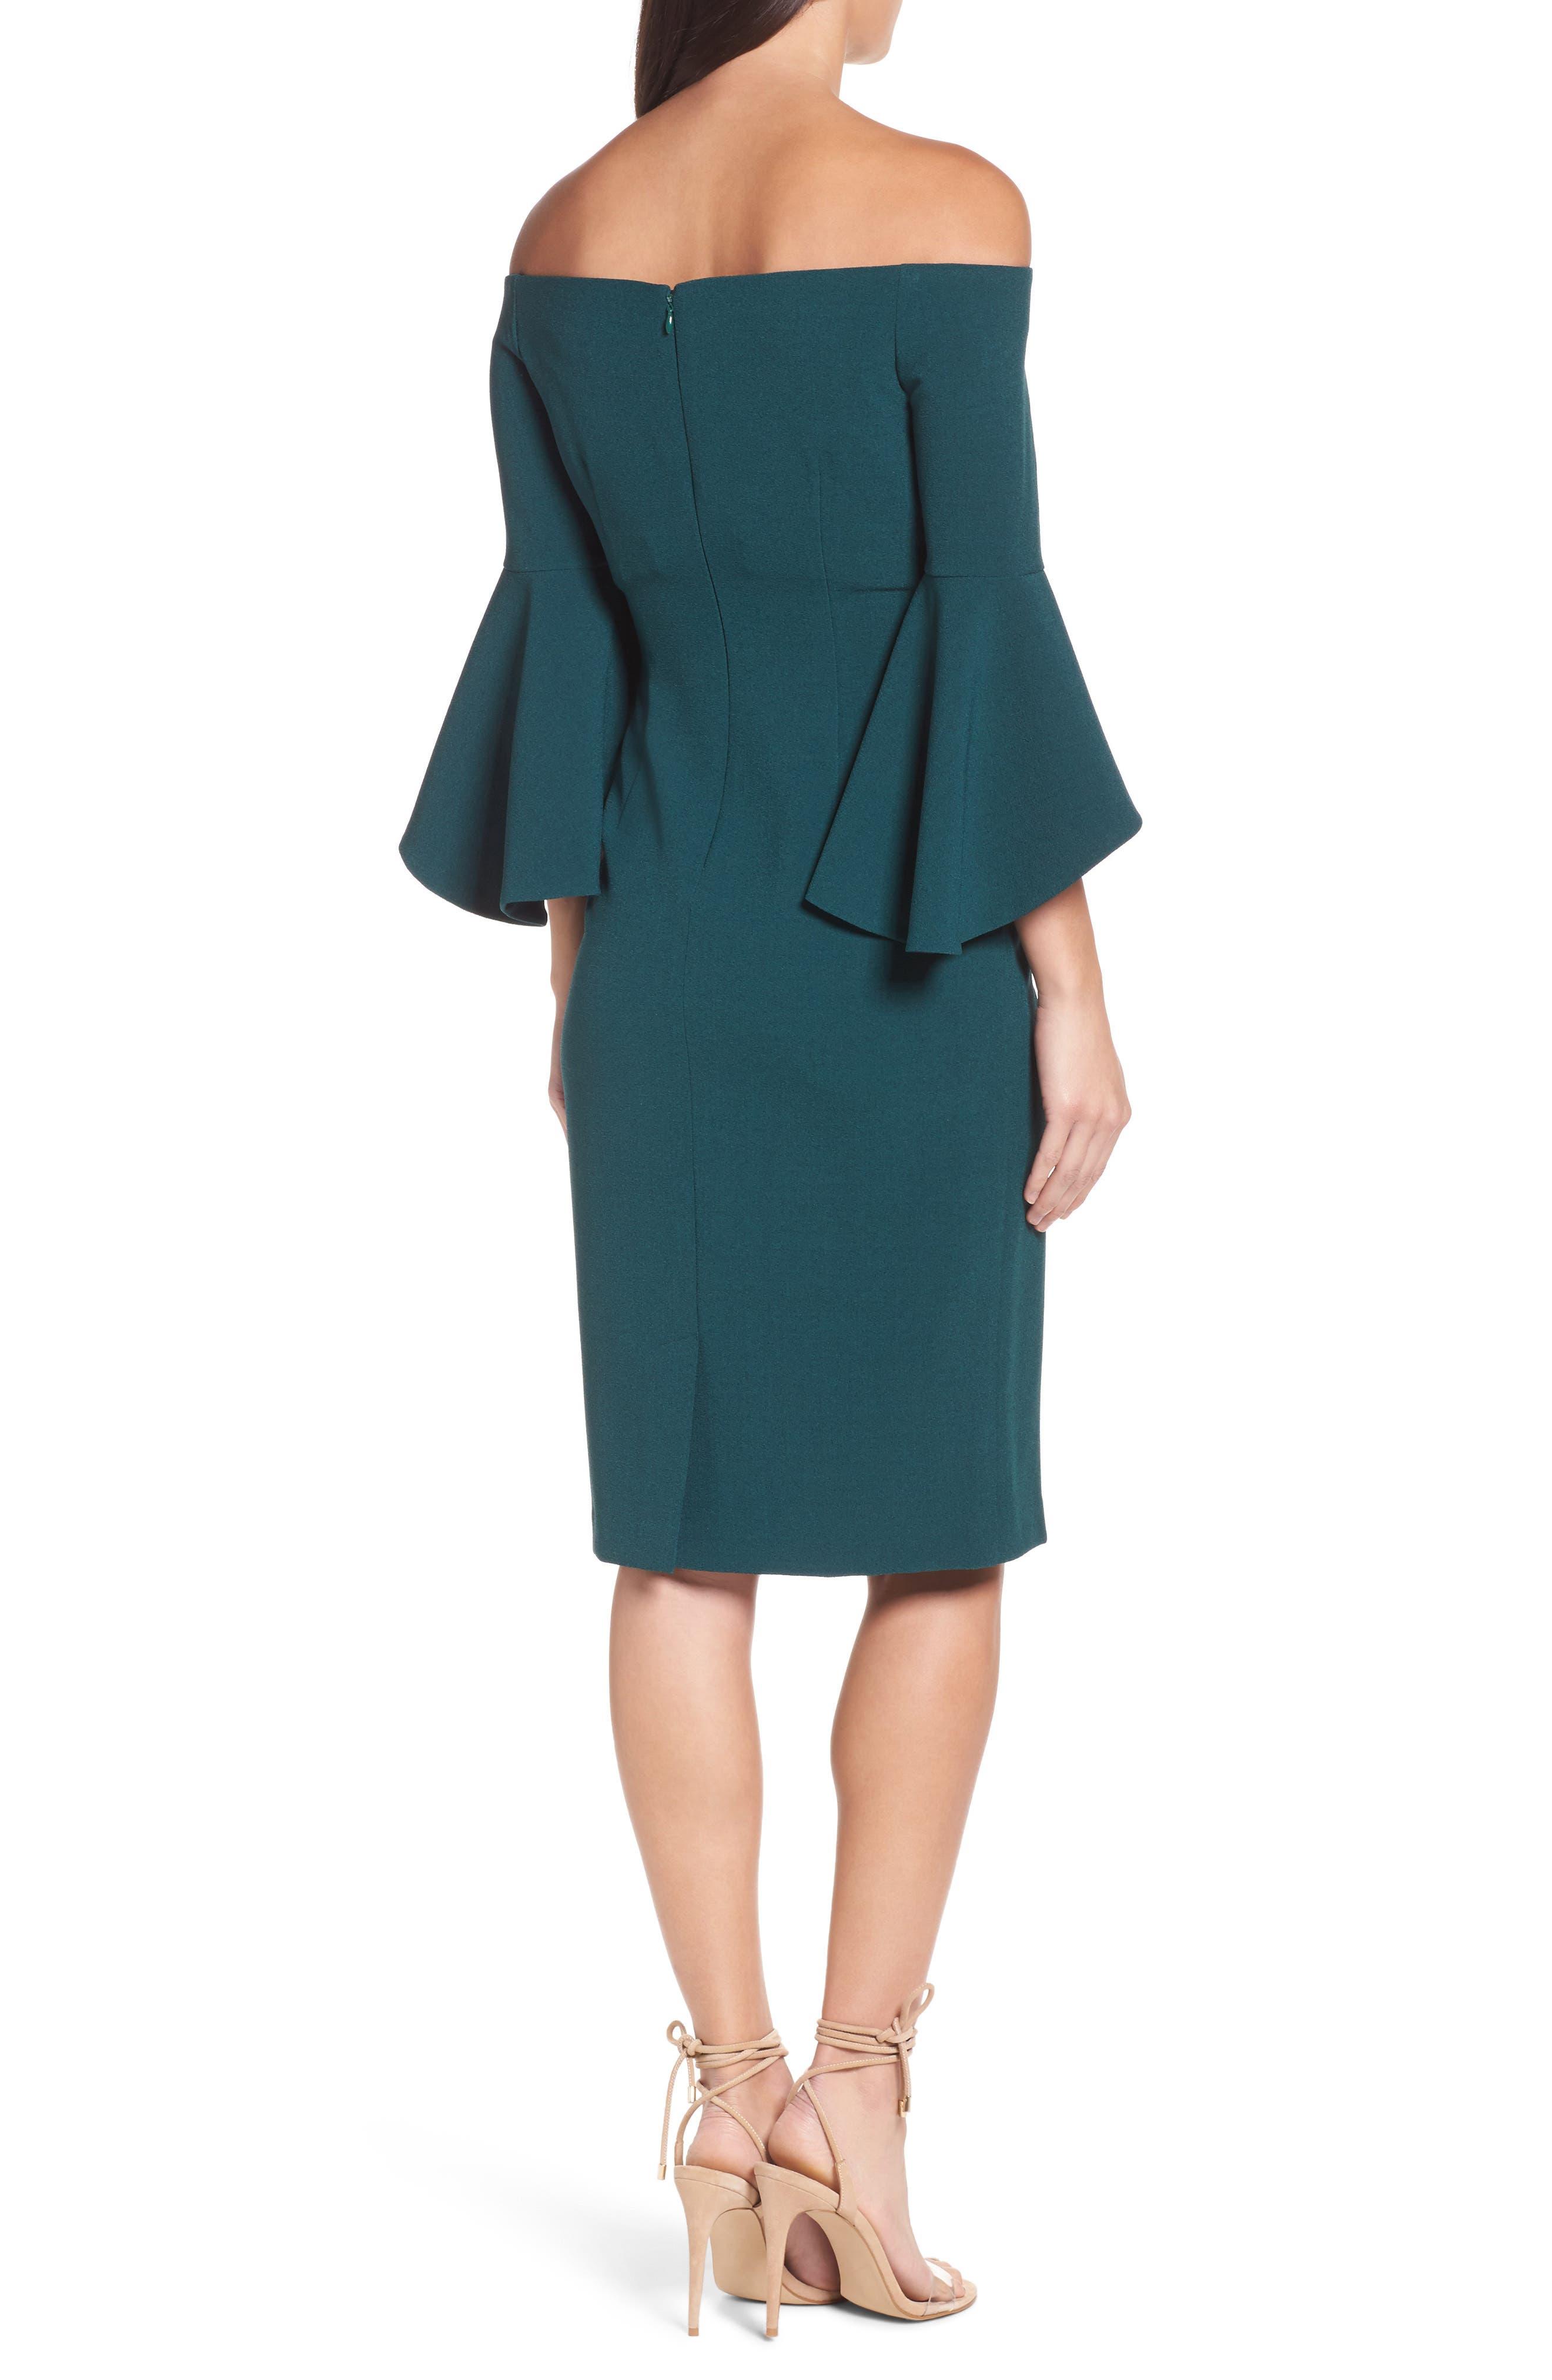 Off the Shoulder Dress,                             Alternate thumbnail 2, color,                             Green Botanical